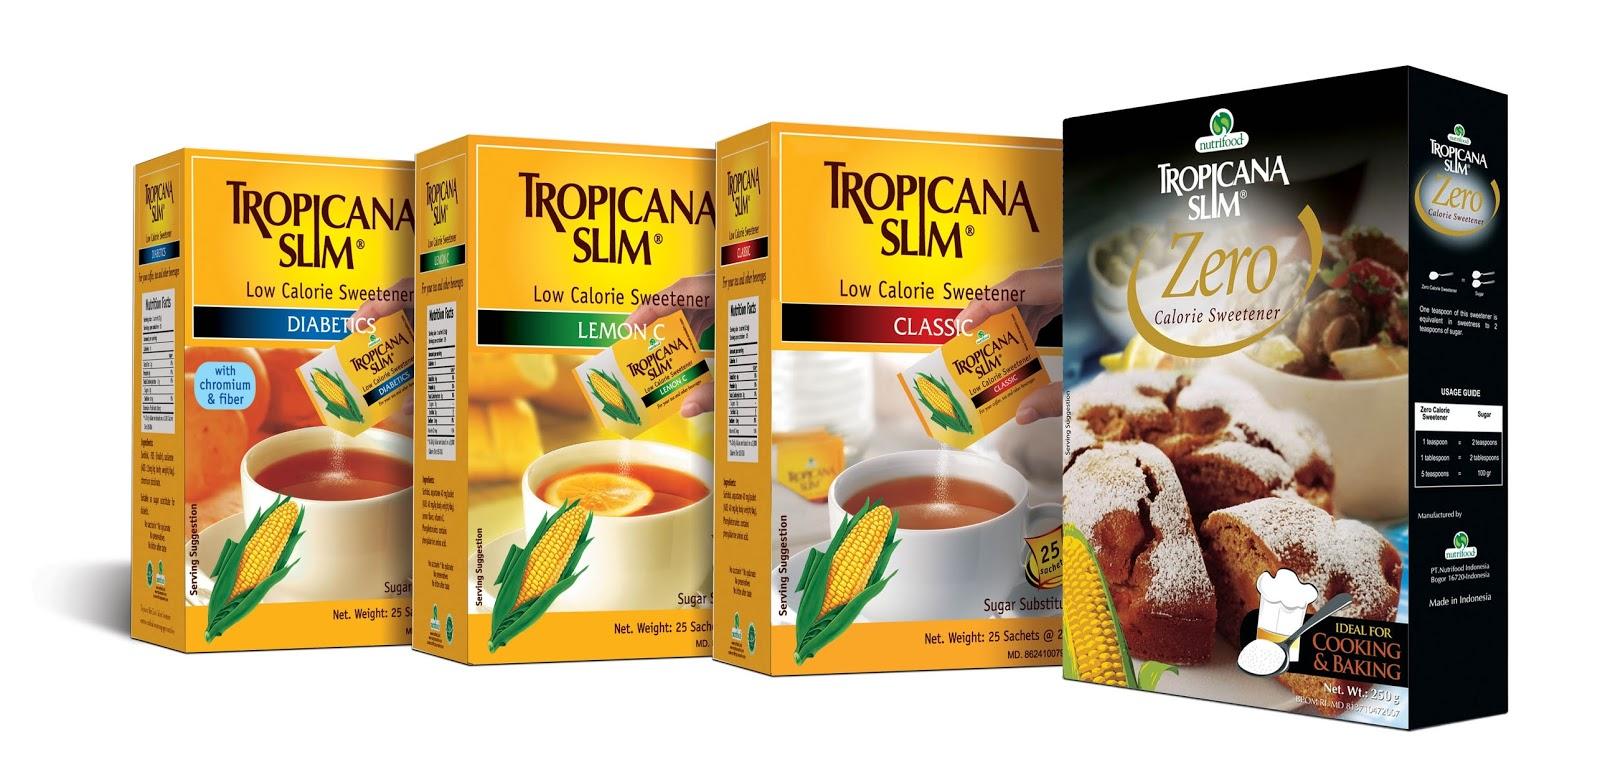 Sehat dengan Kadar Gula Darah Seimbang Bersama Tropicana Slim